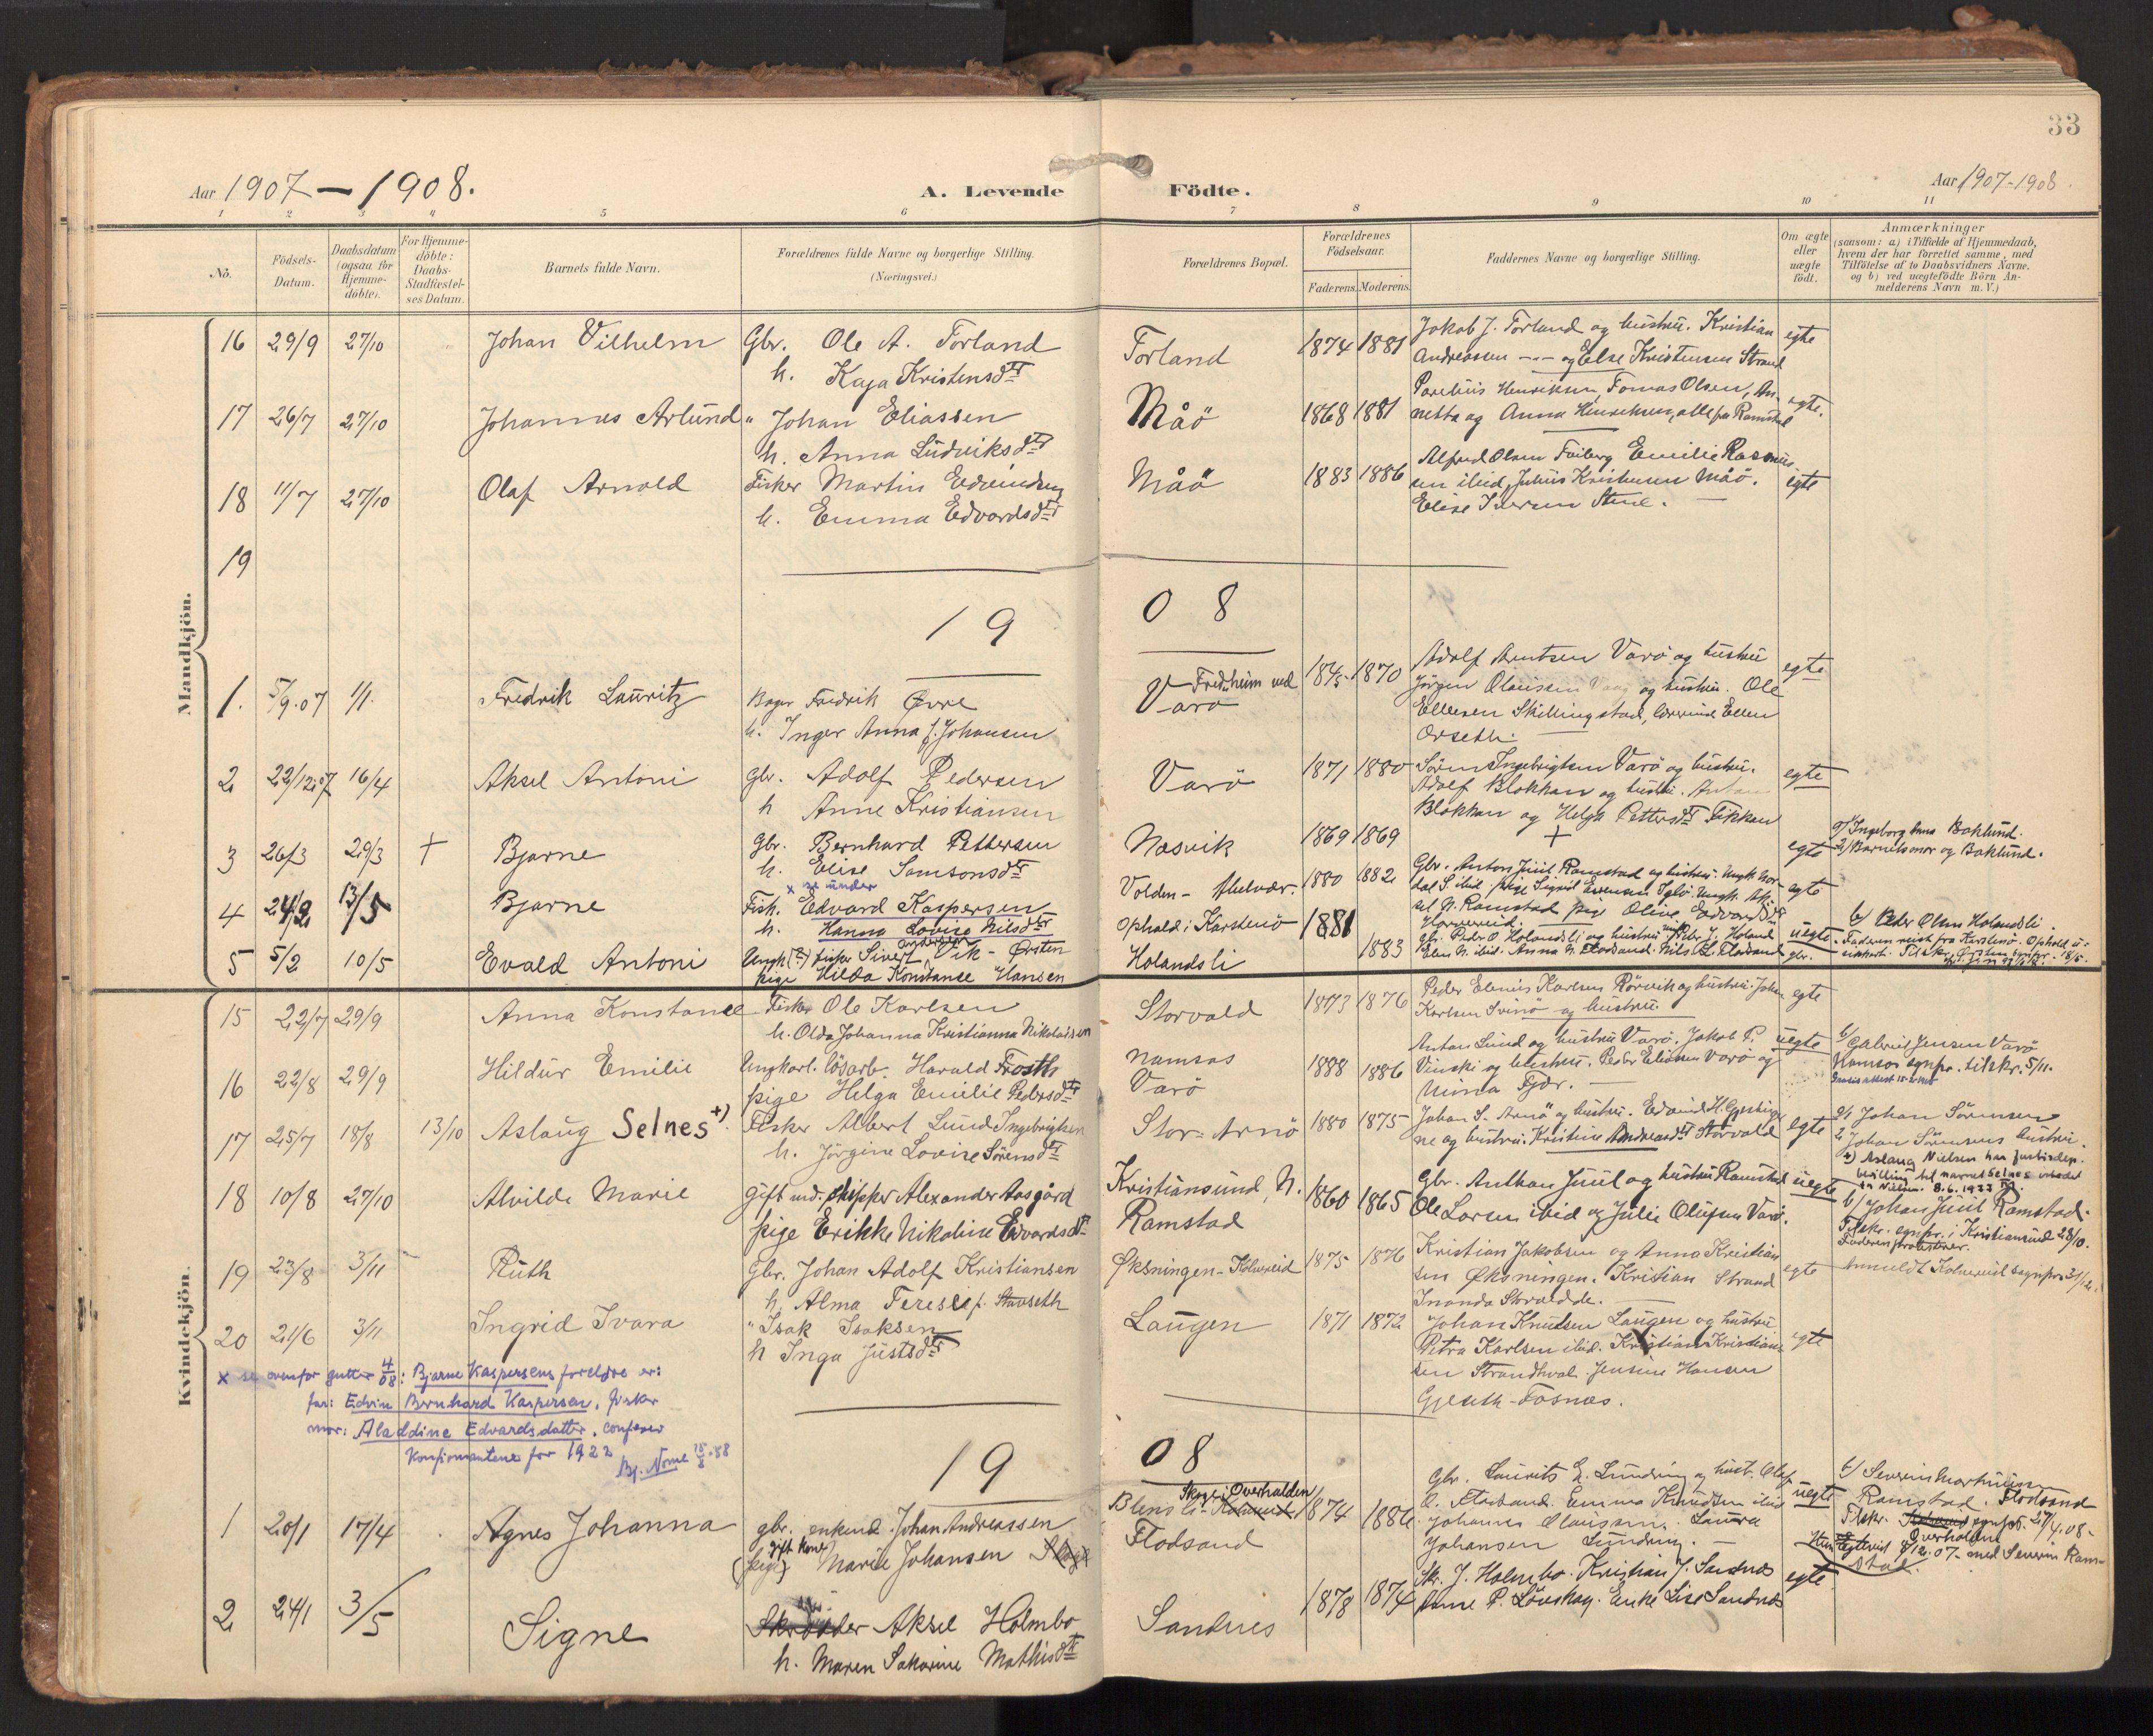 SAT, Ministerialprotokoller, klokkerbøker og fødselsregistre - Nord-Trøndelag, 784/L0677: Ministerialbok nr. 784A12, 1900-1920, s. 33